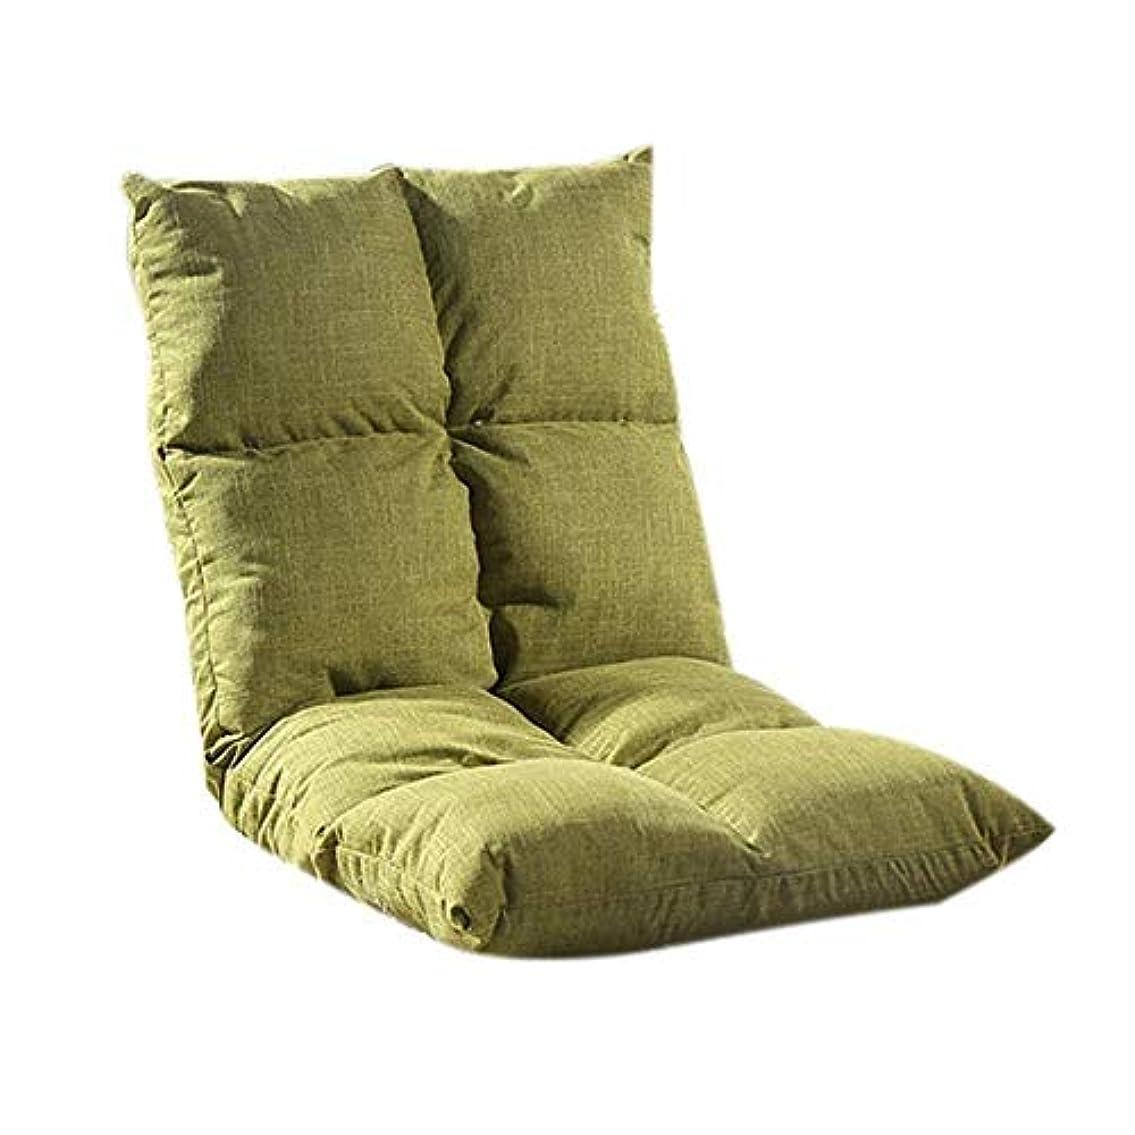 ミント百年うつ怠zyなフロアチェア、畳クッション、シングルメディテーションチェア、背もたれ一体型フロアクッション、折りたたみ式厚手バルコニー和風、調節可能な椅子怠Adjustなソファゲームチェア (Color : 緑)